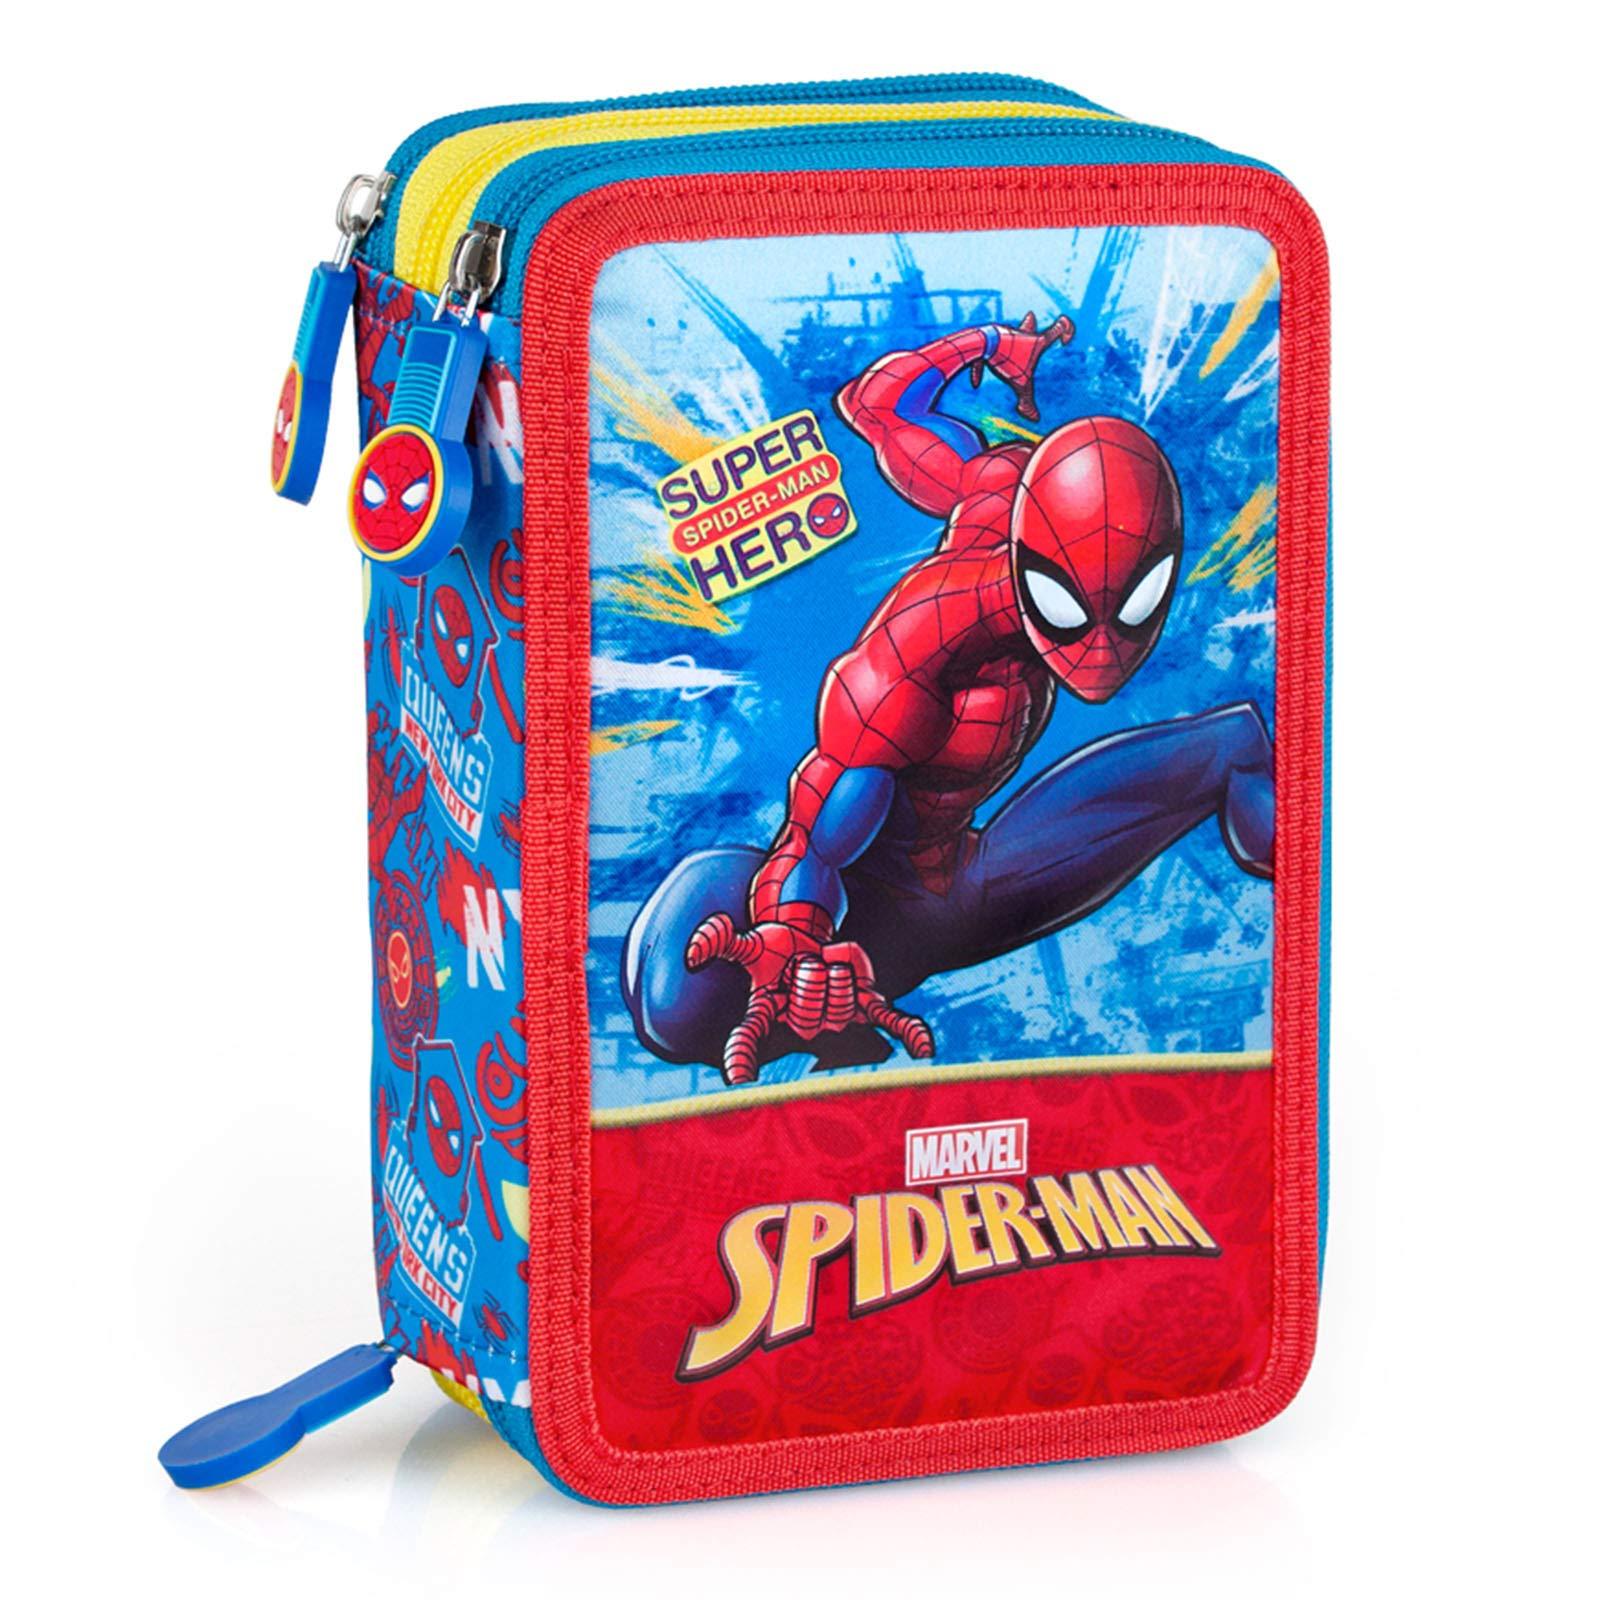 Spiderman 41434 - Estuche triple relleno, 44 accesorios escolares, 20 centímetros: Amazon.es: Oficina y papelería